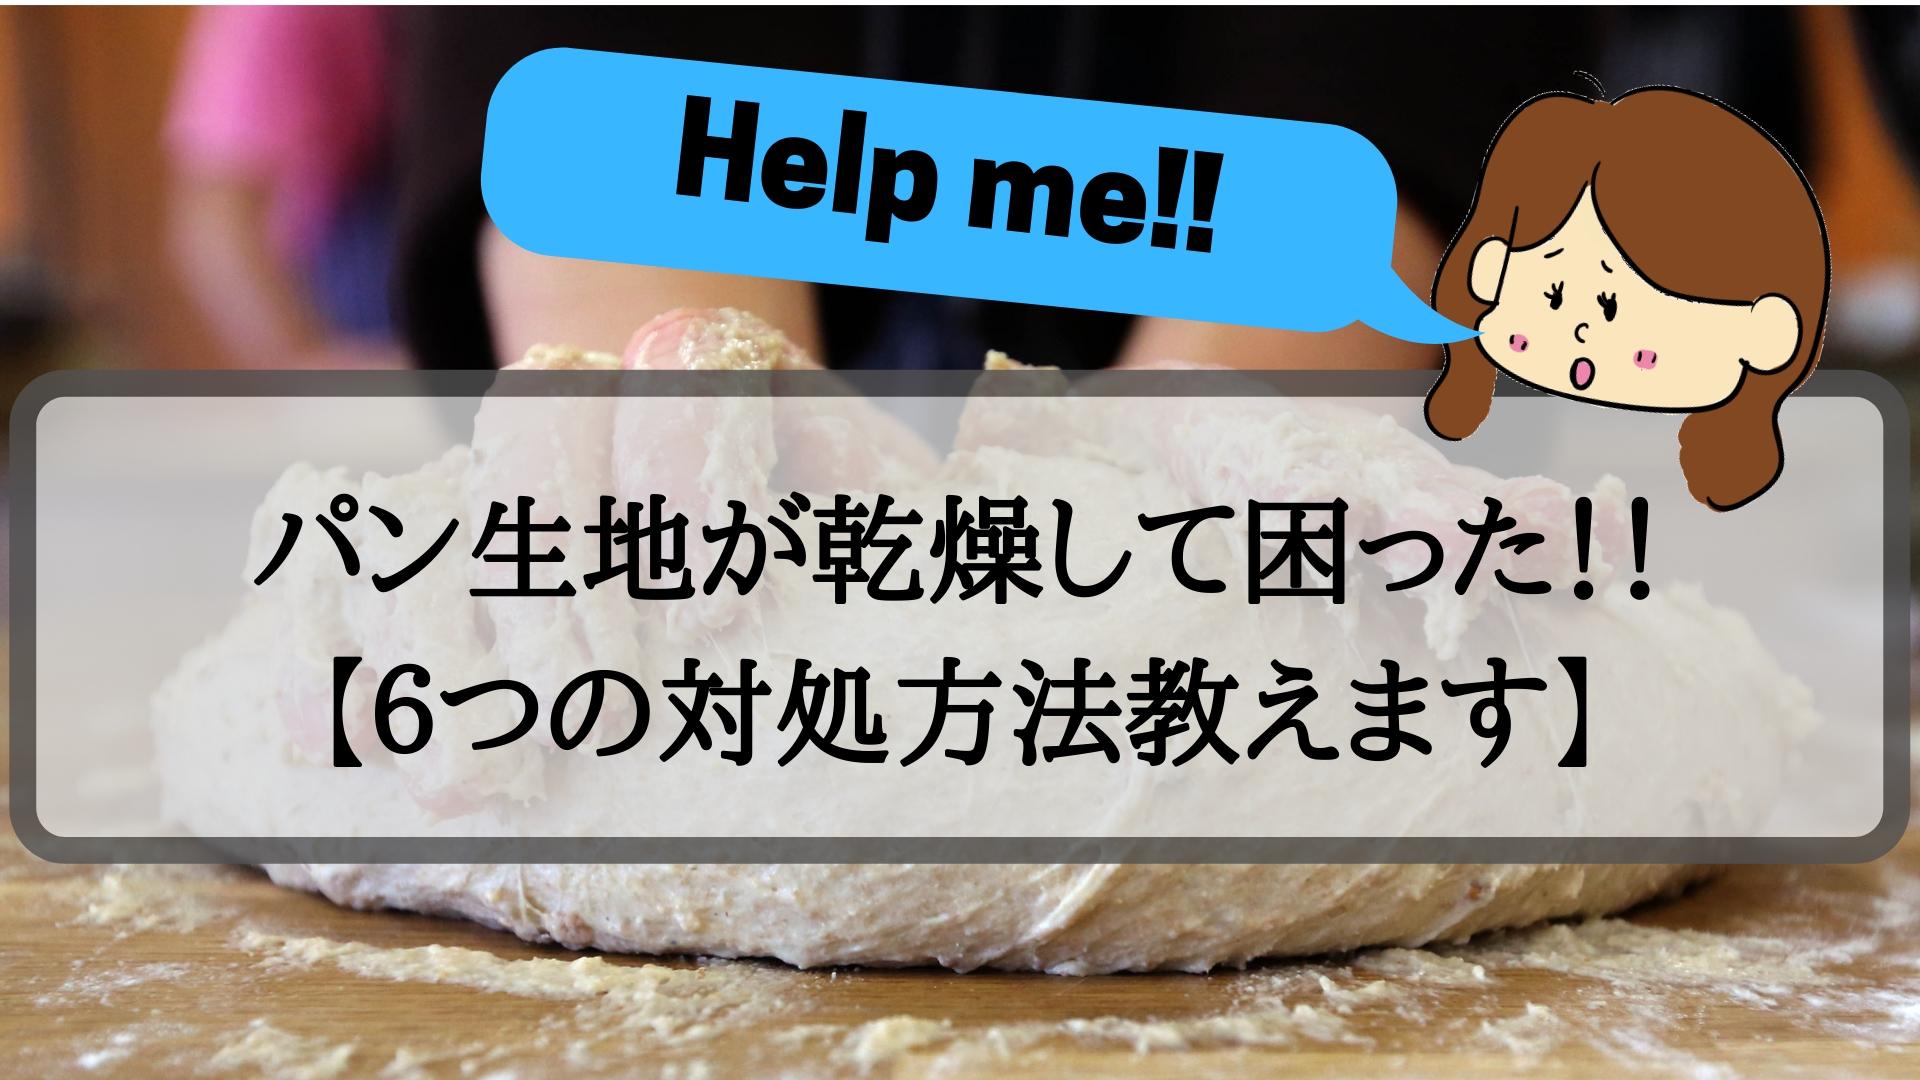 パン生地を乾燥させない方法を紹介